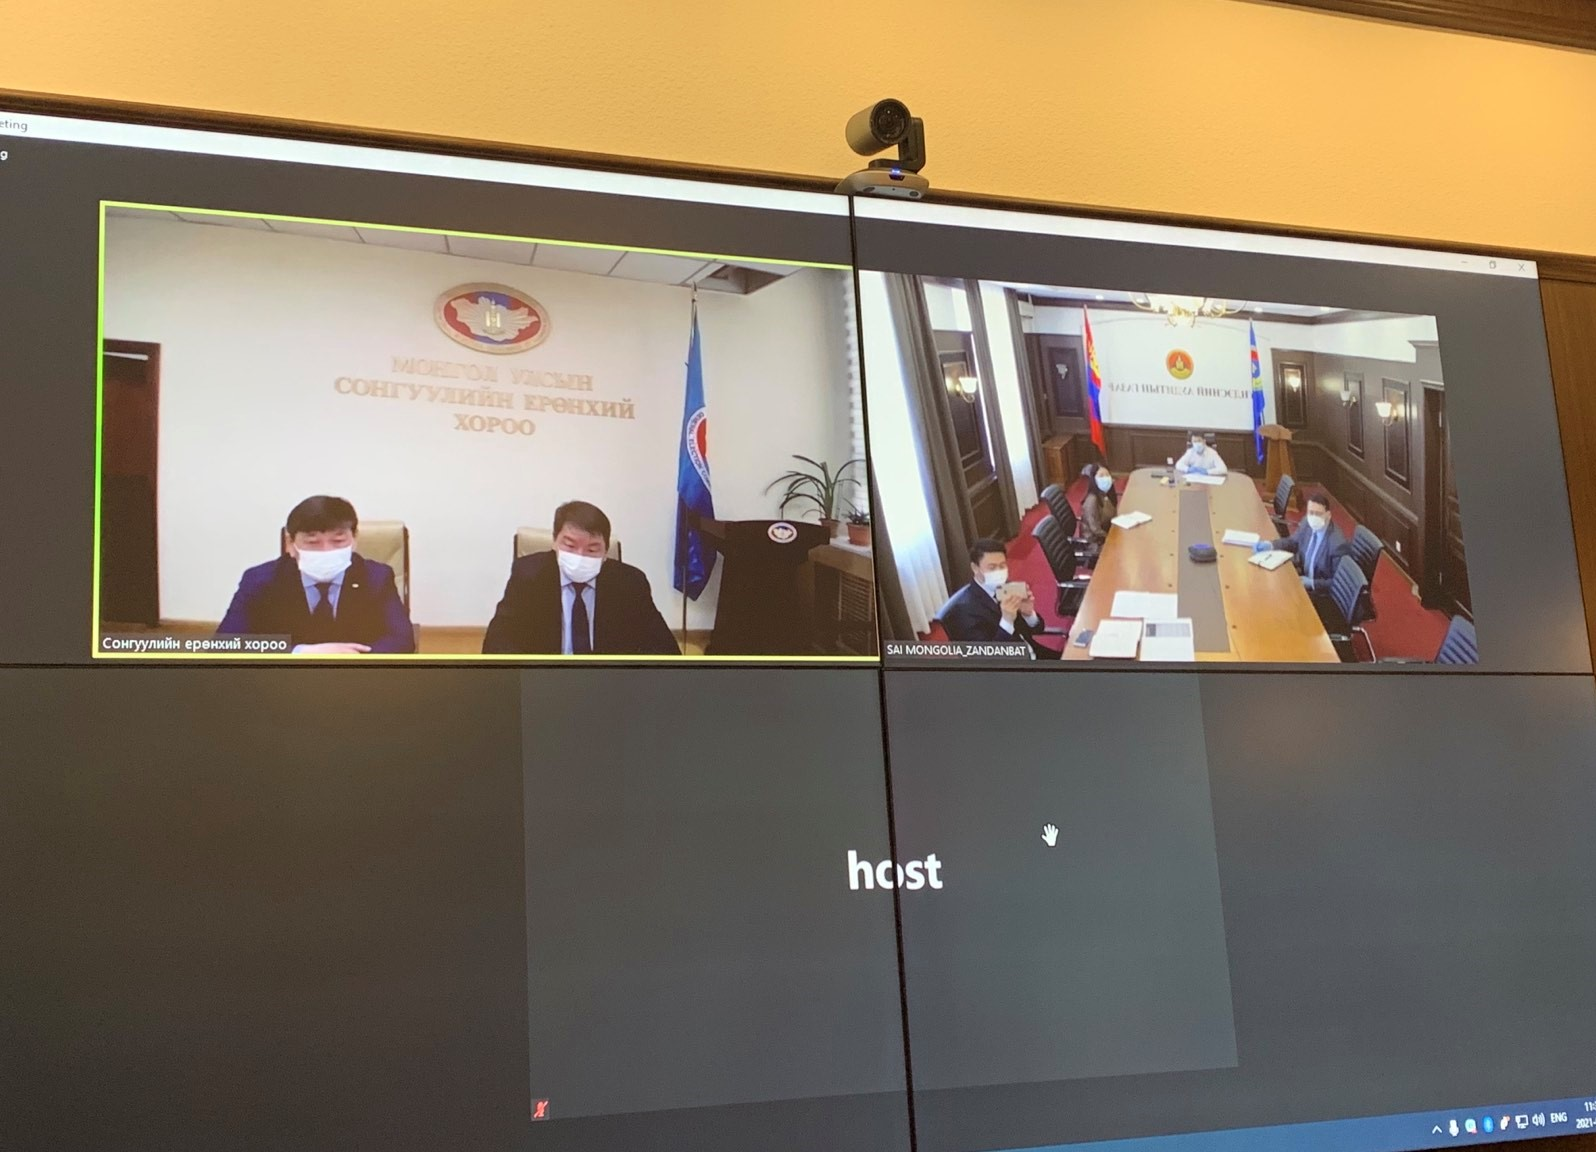 Монгол Улсын Ерөнхий аудитор Д.Занданбат СЕХ-ны удирдлагуудтай цахим уулзалт хийлээ